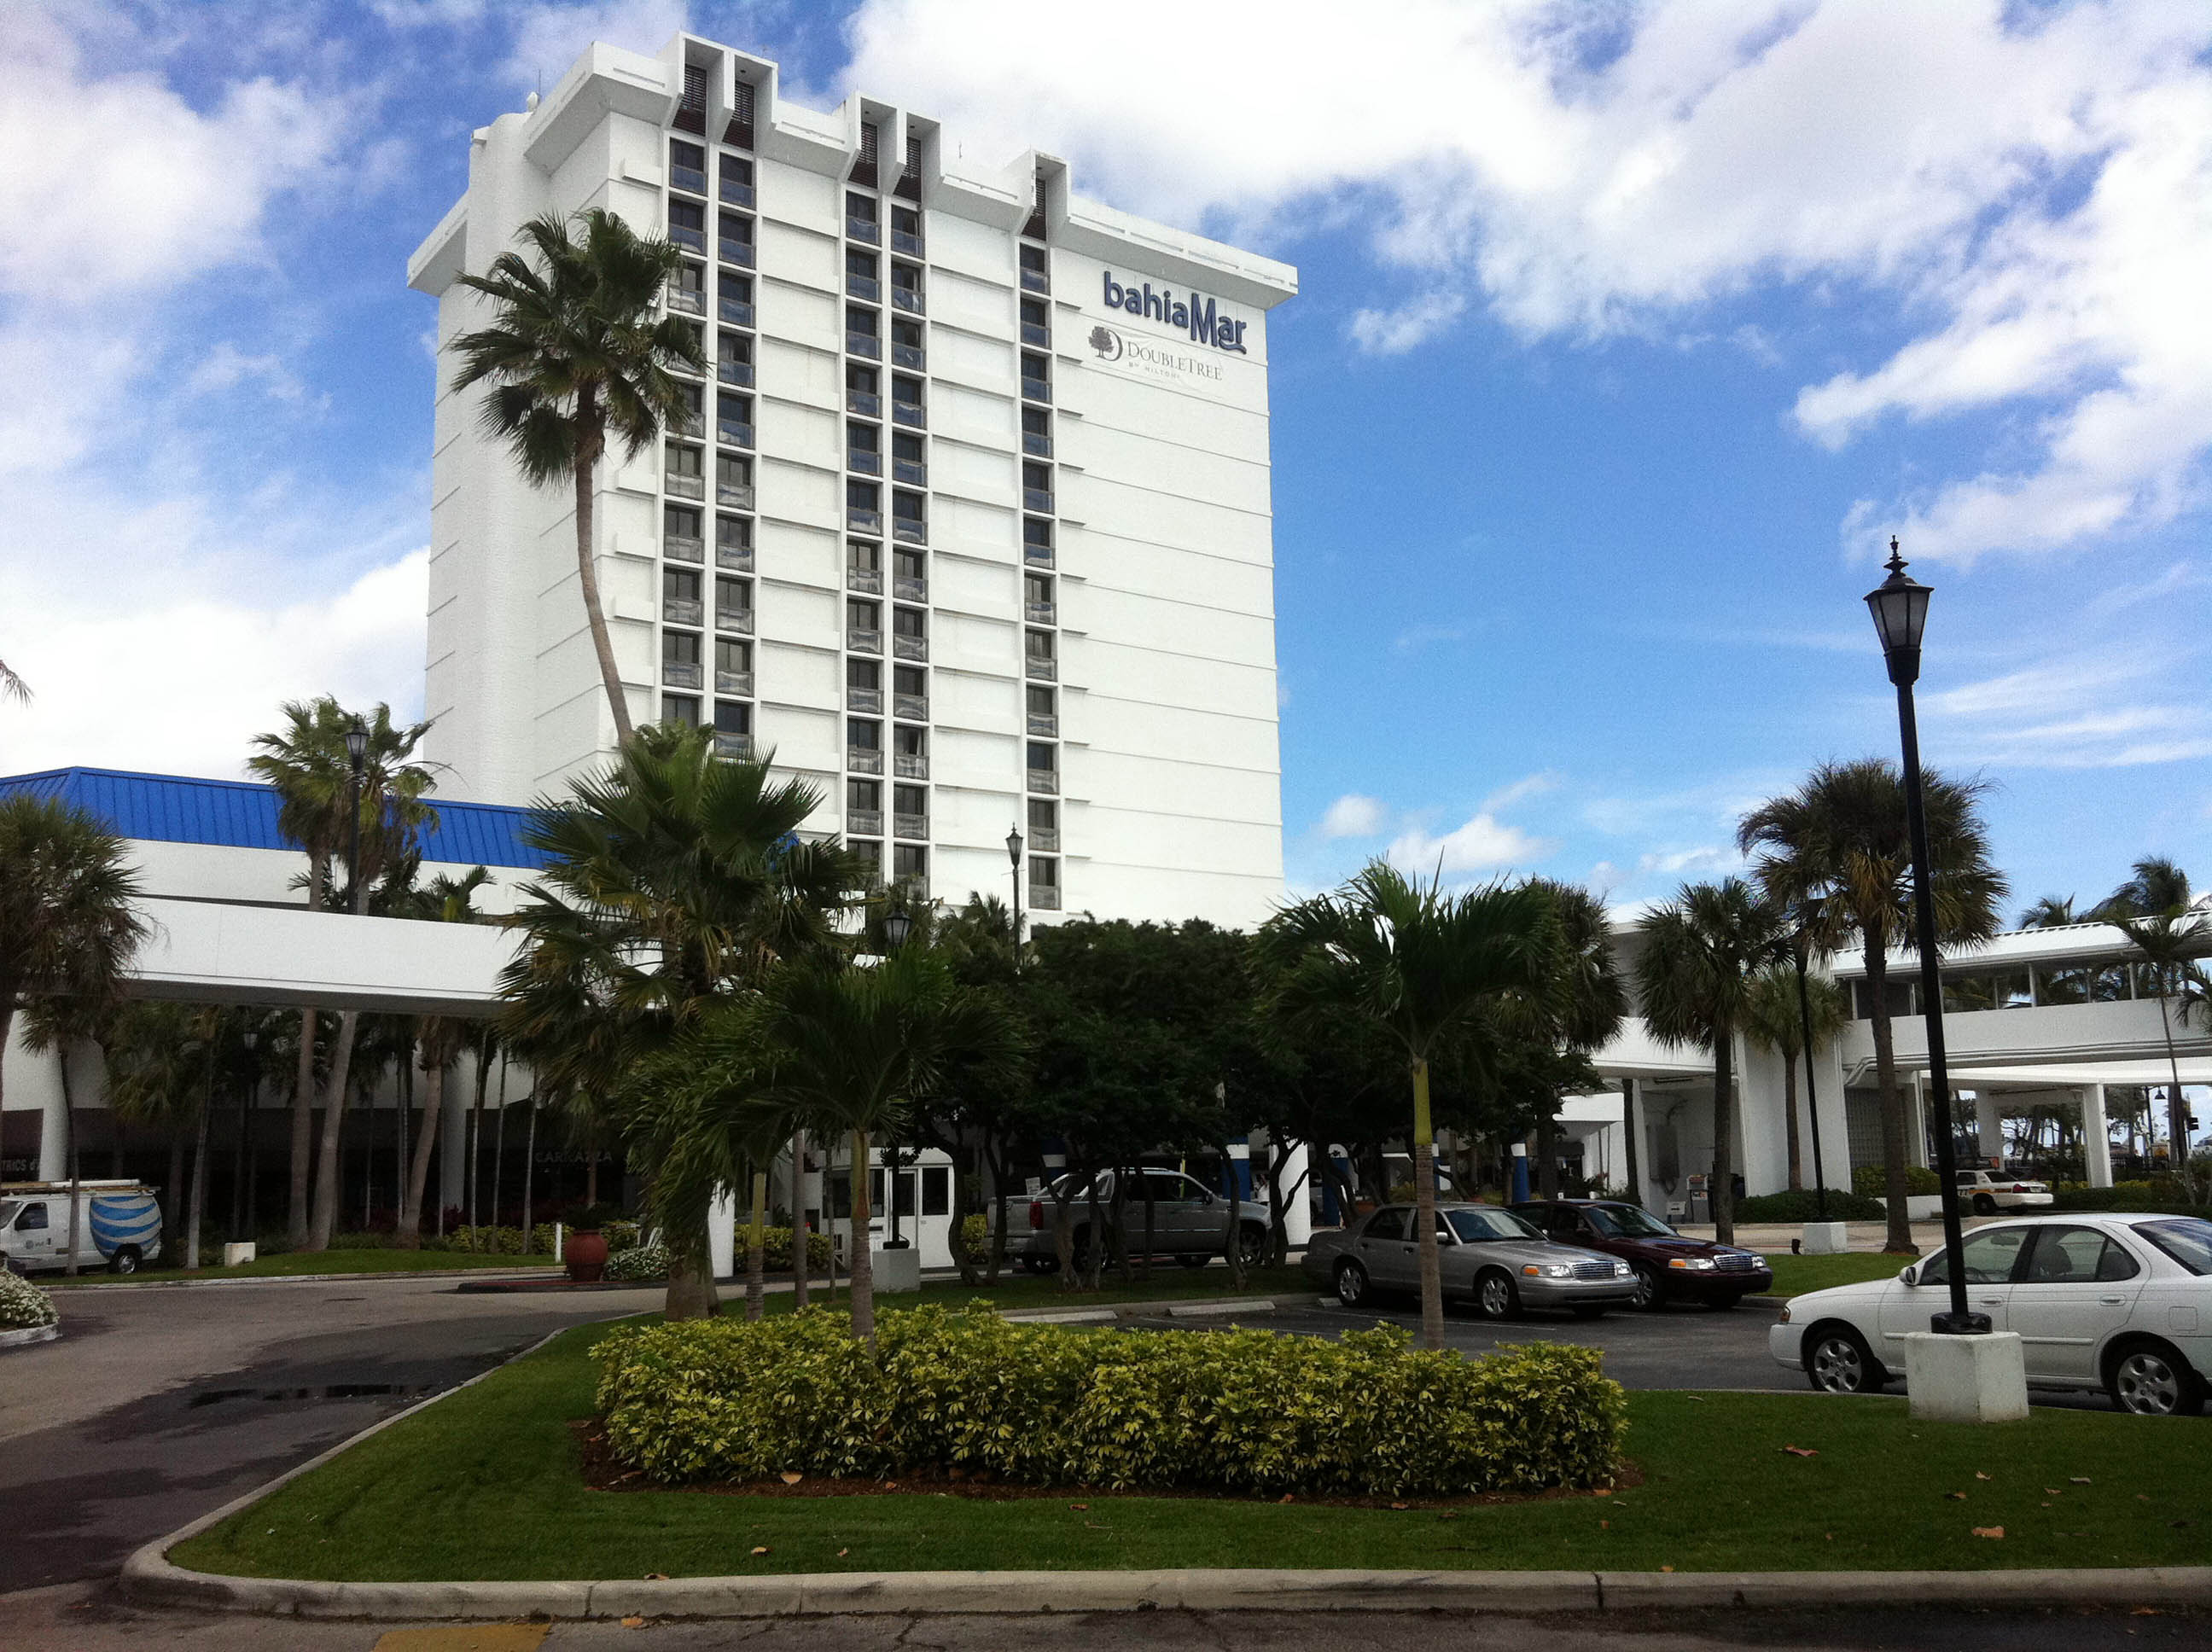 Bahia Beach Hotel In Fort Lauderdale